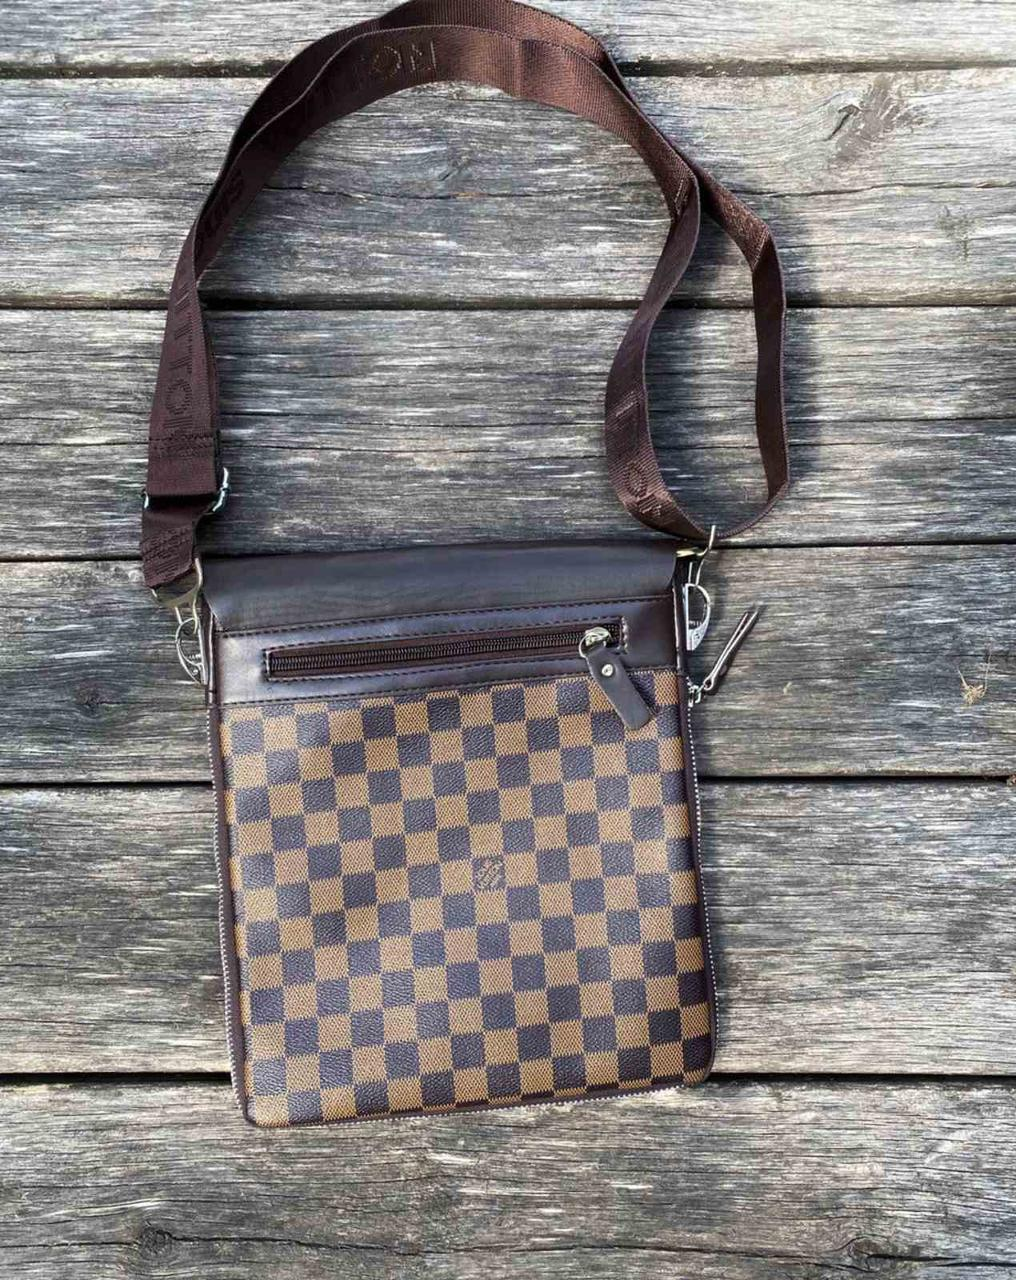 Брендовые сумки. Материал: эко кожа. Очень удобная, вместительная. Ручка регулируемая.